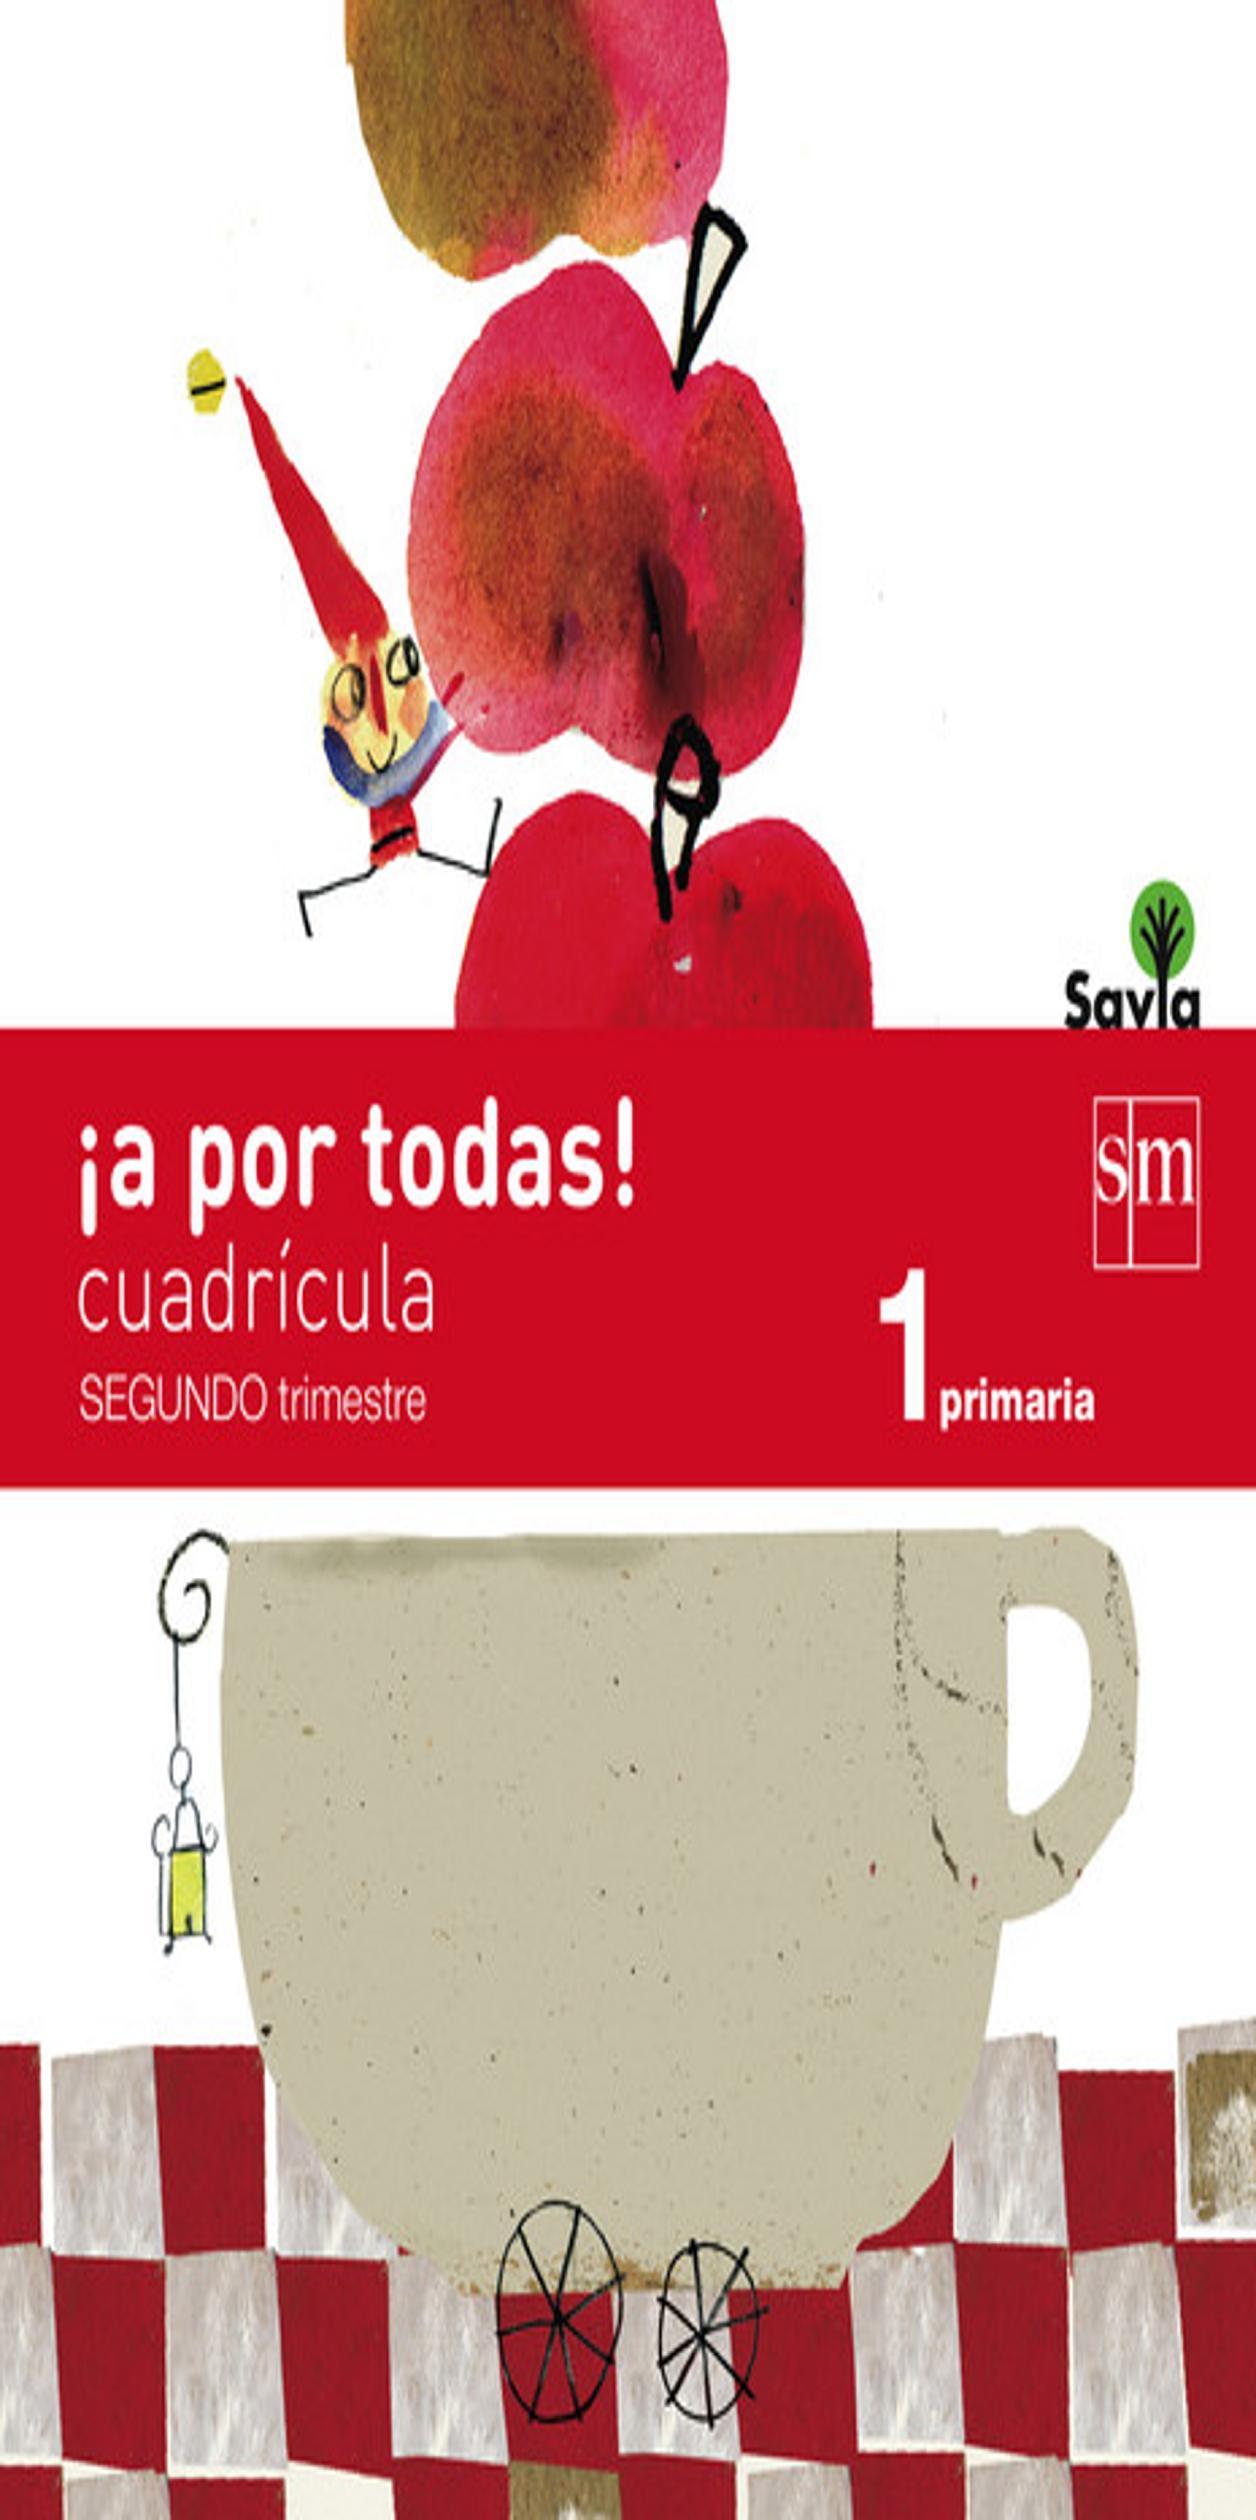 GLOBALIZADO CUADRICULA 1º PRIM 2do Trimestre - Proyecto Savia